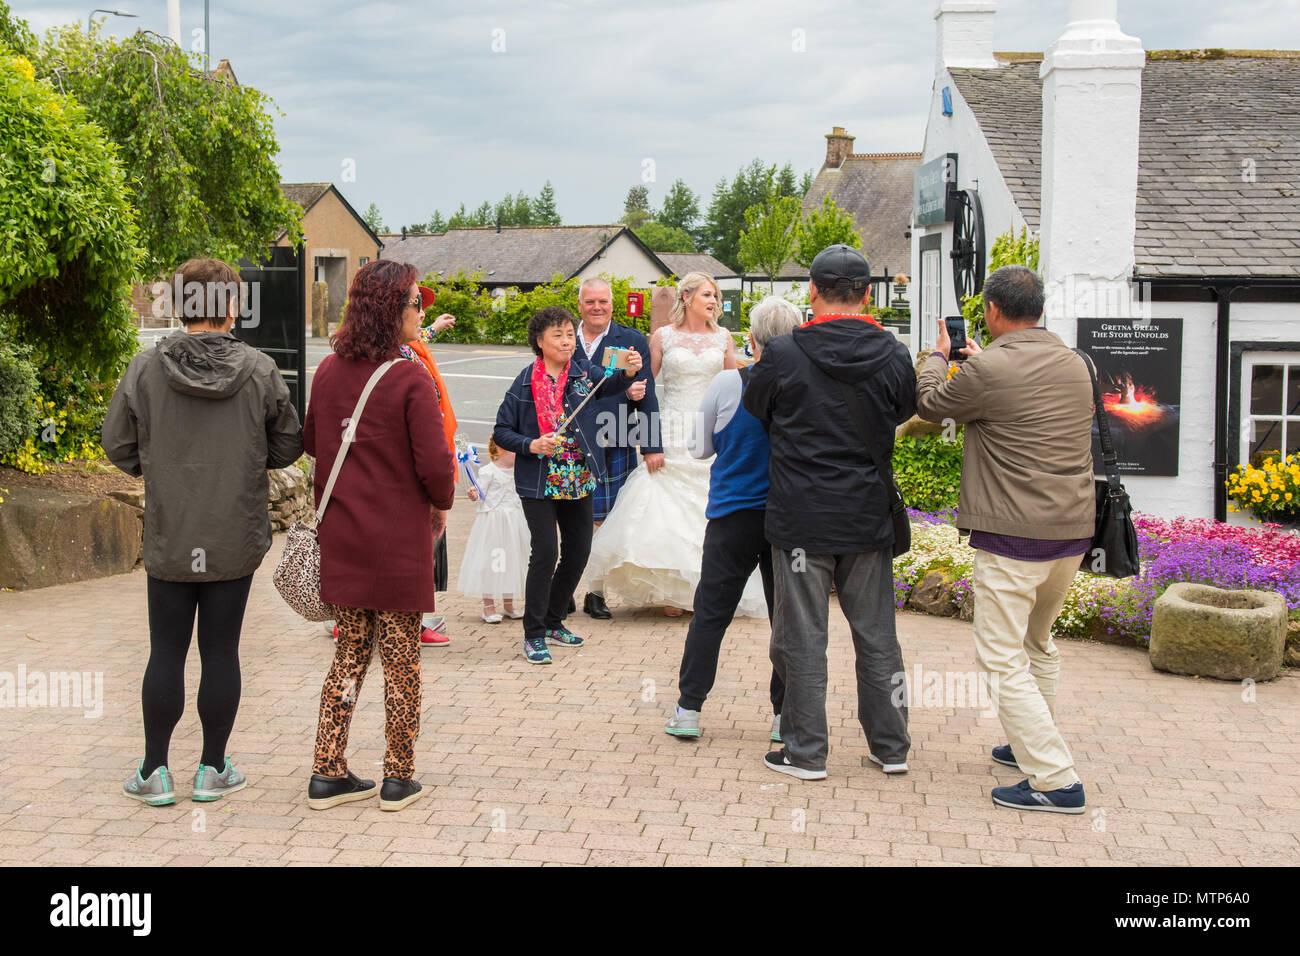 Asiatische Touristen unter selfies und Fotografien einer Braut ankommen für Ihre Hochzeit in Gretna Green, Schottland, Großbritannien Stockbild